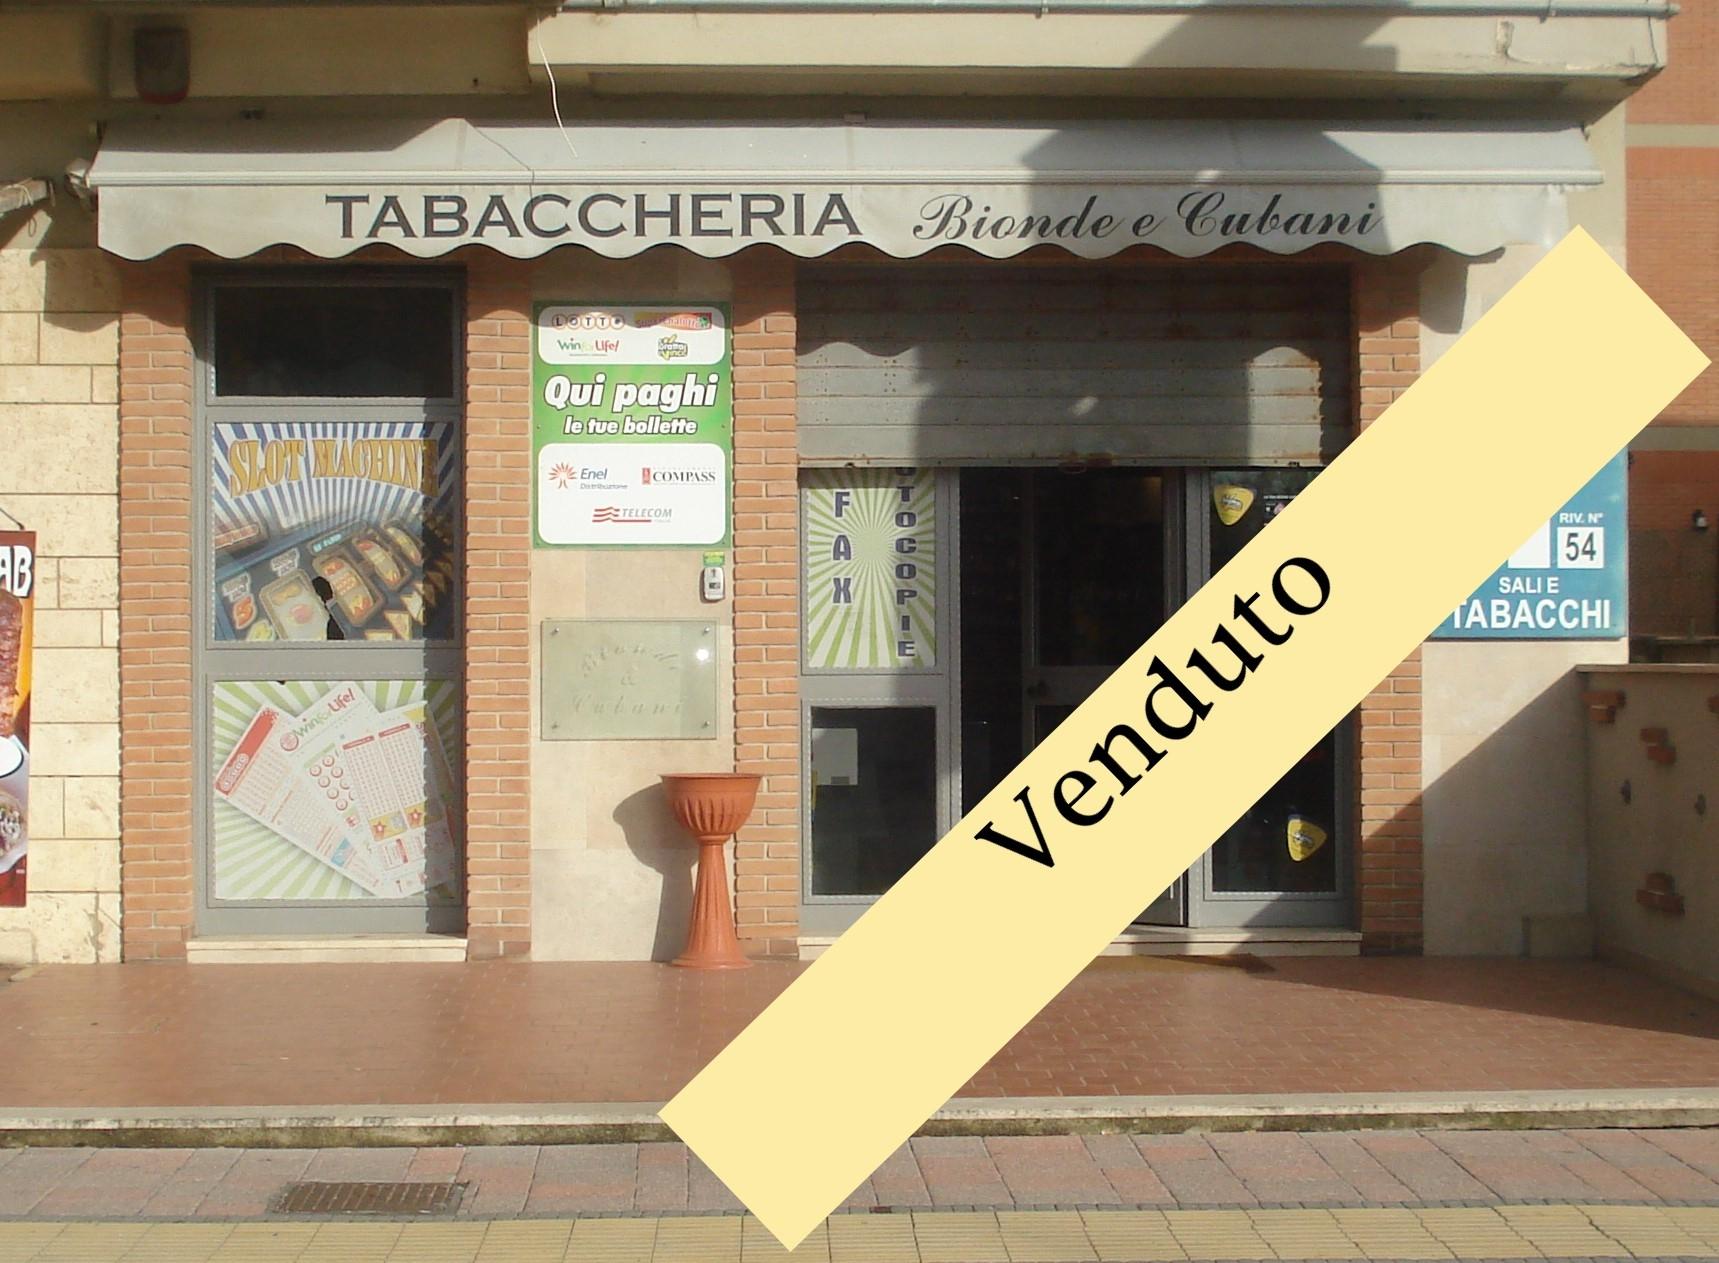 Avviso di procedura competitiva per la vendita di azienda - Torvaianica (RM)  (Venduta)